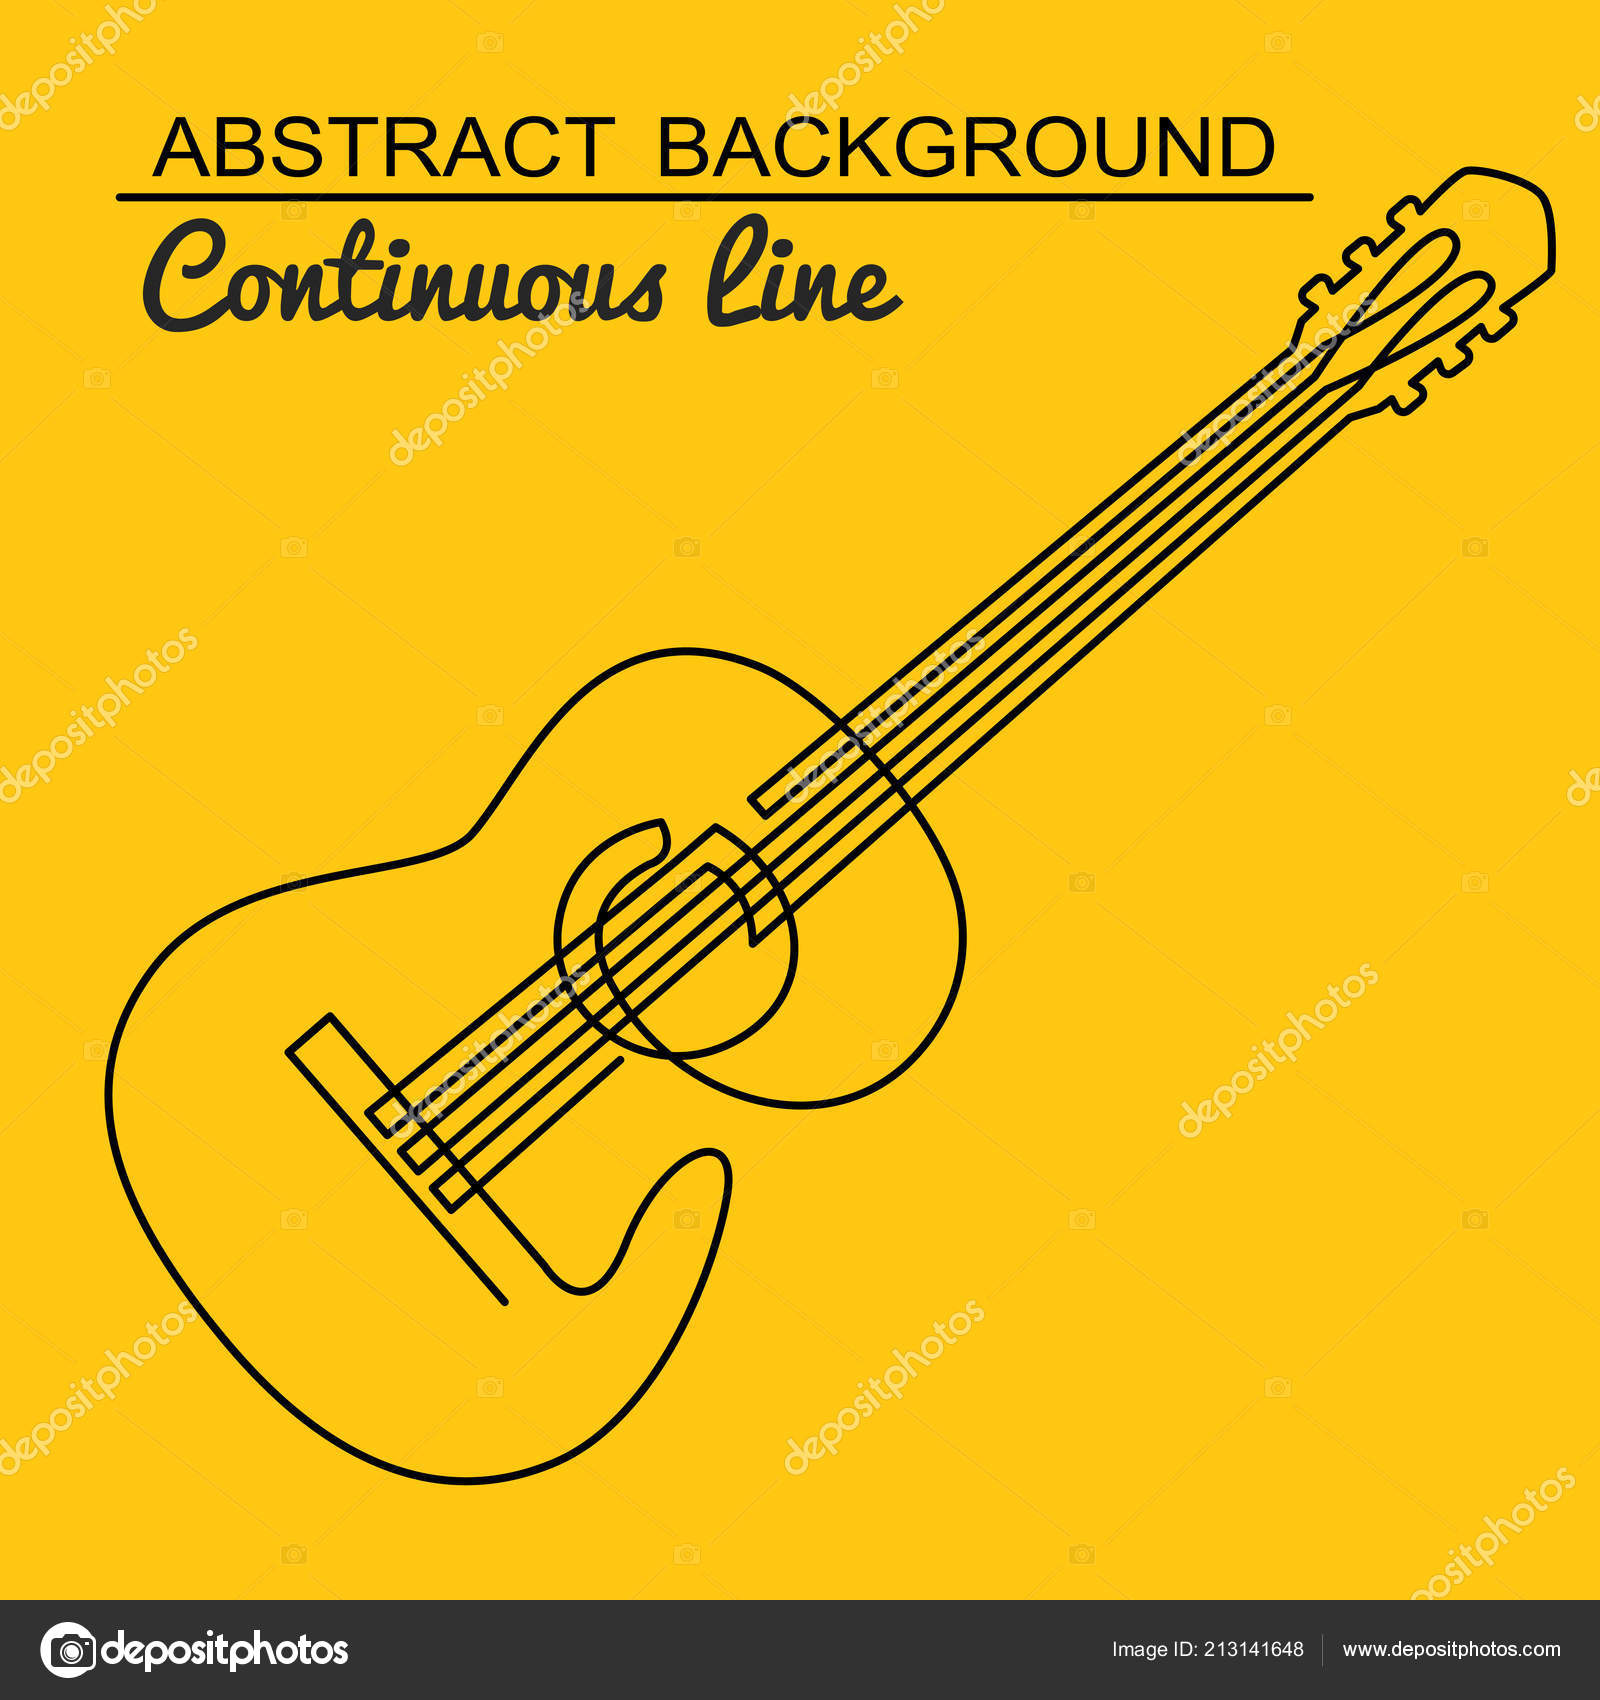 continua línea de dibujo del vector de la guitarra acústica. línea